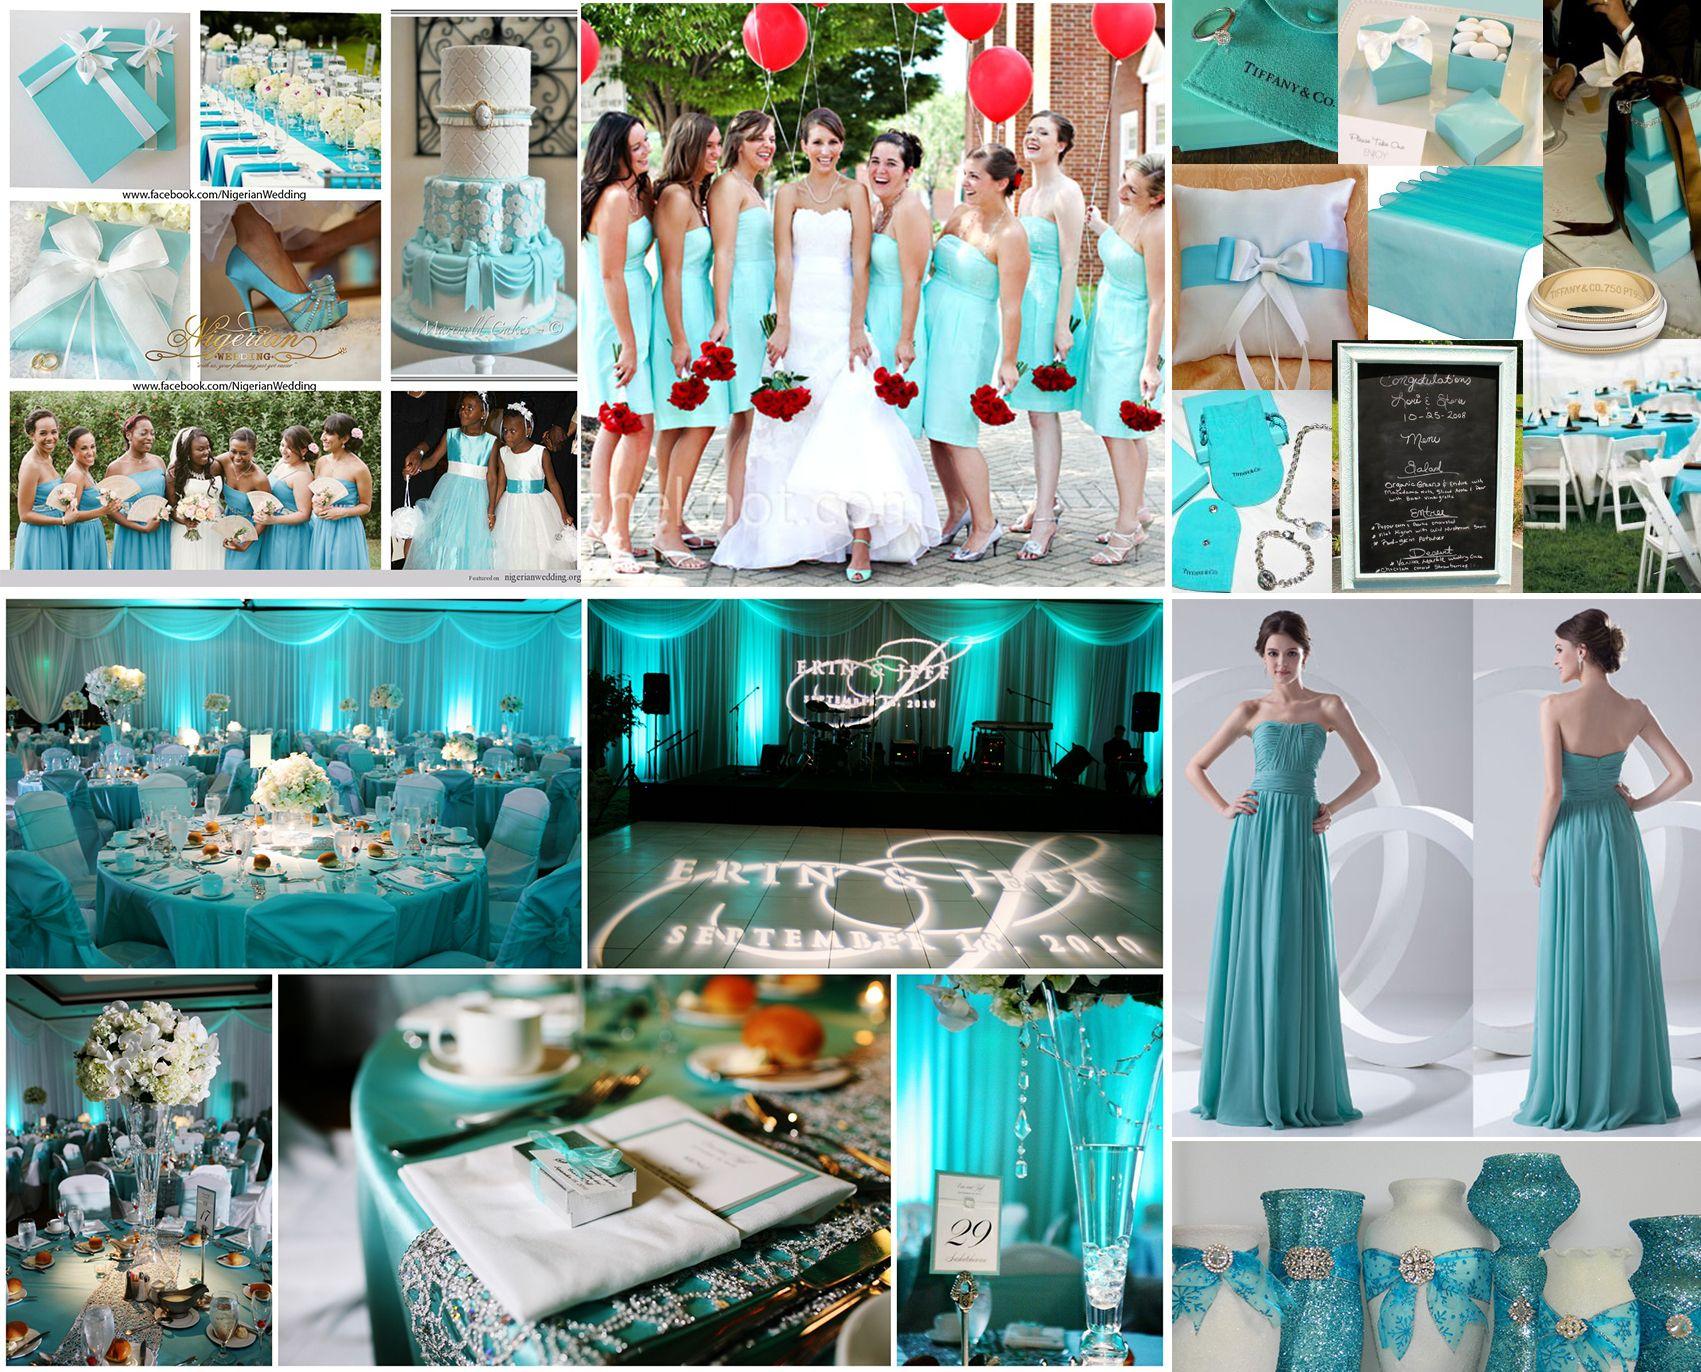 The Tiffany Blue Theme Wedding Ideas  Blue Wedding -6301